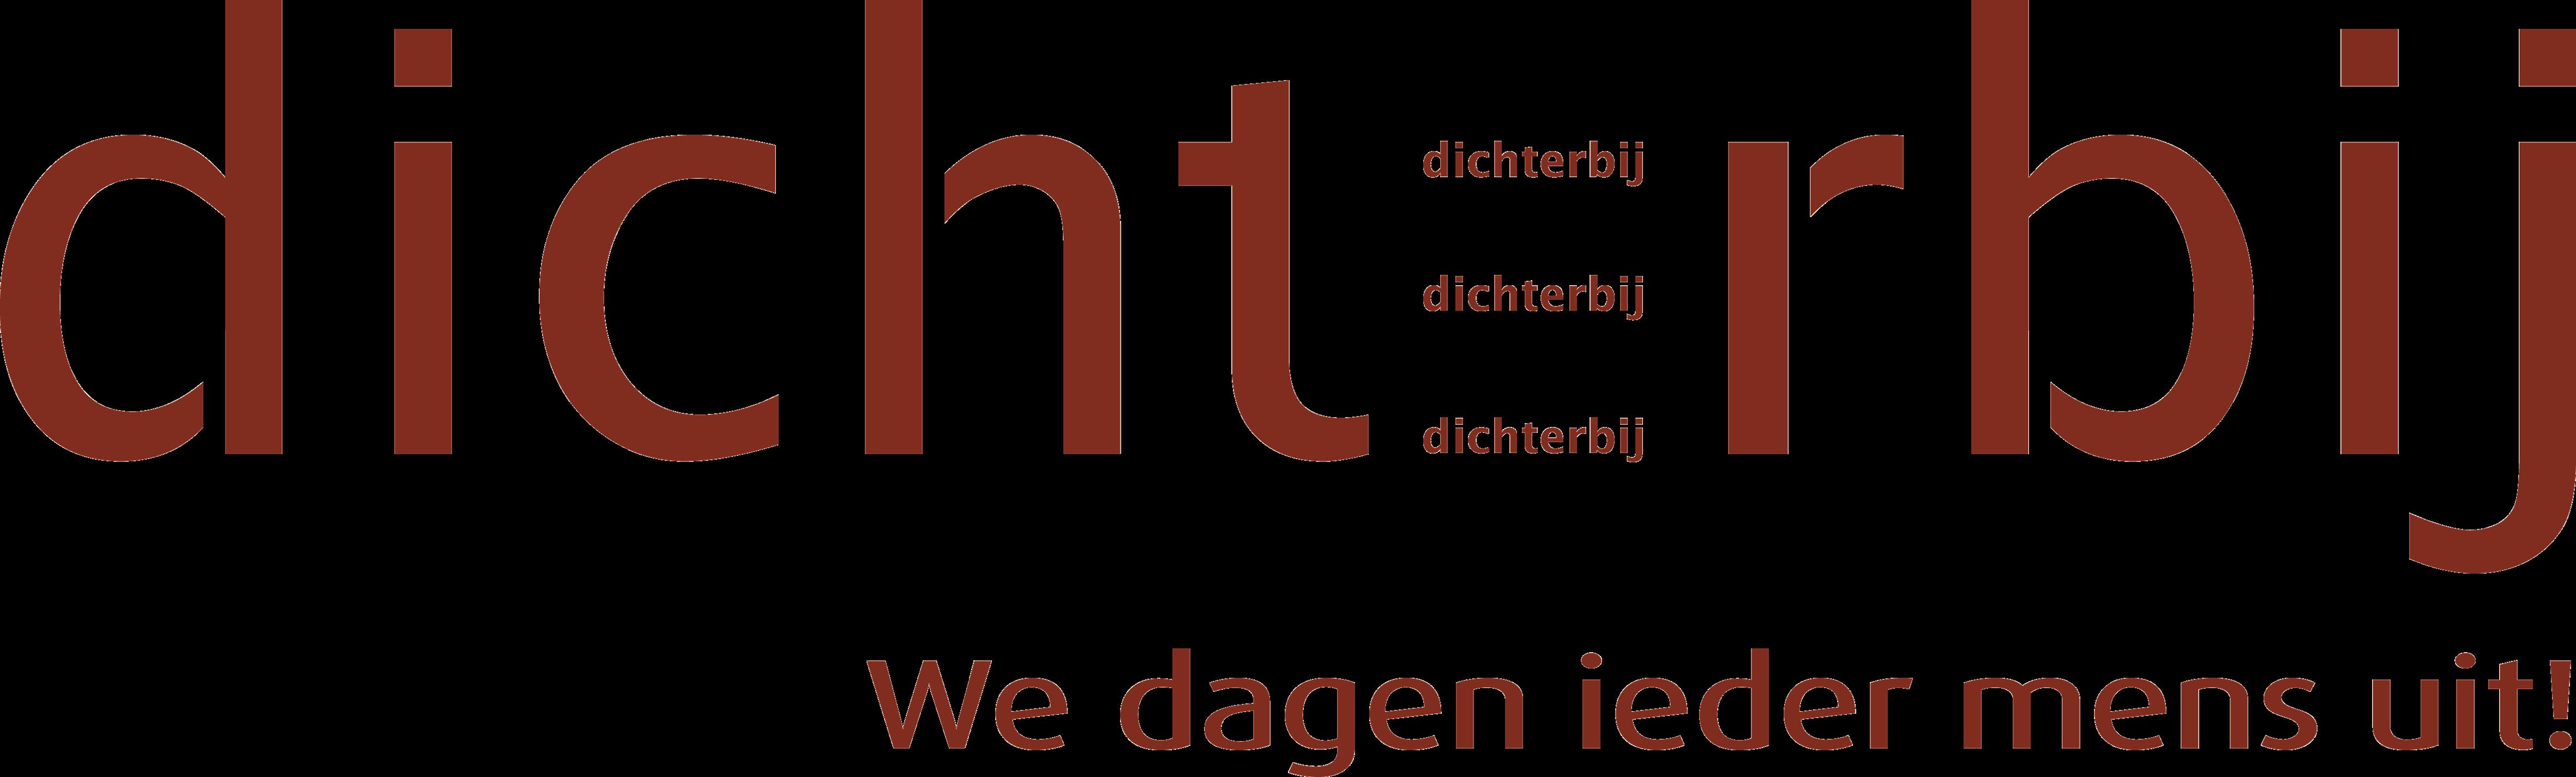 Dichterbij-logo.png